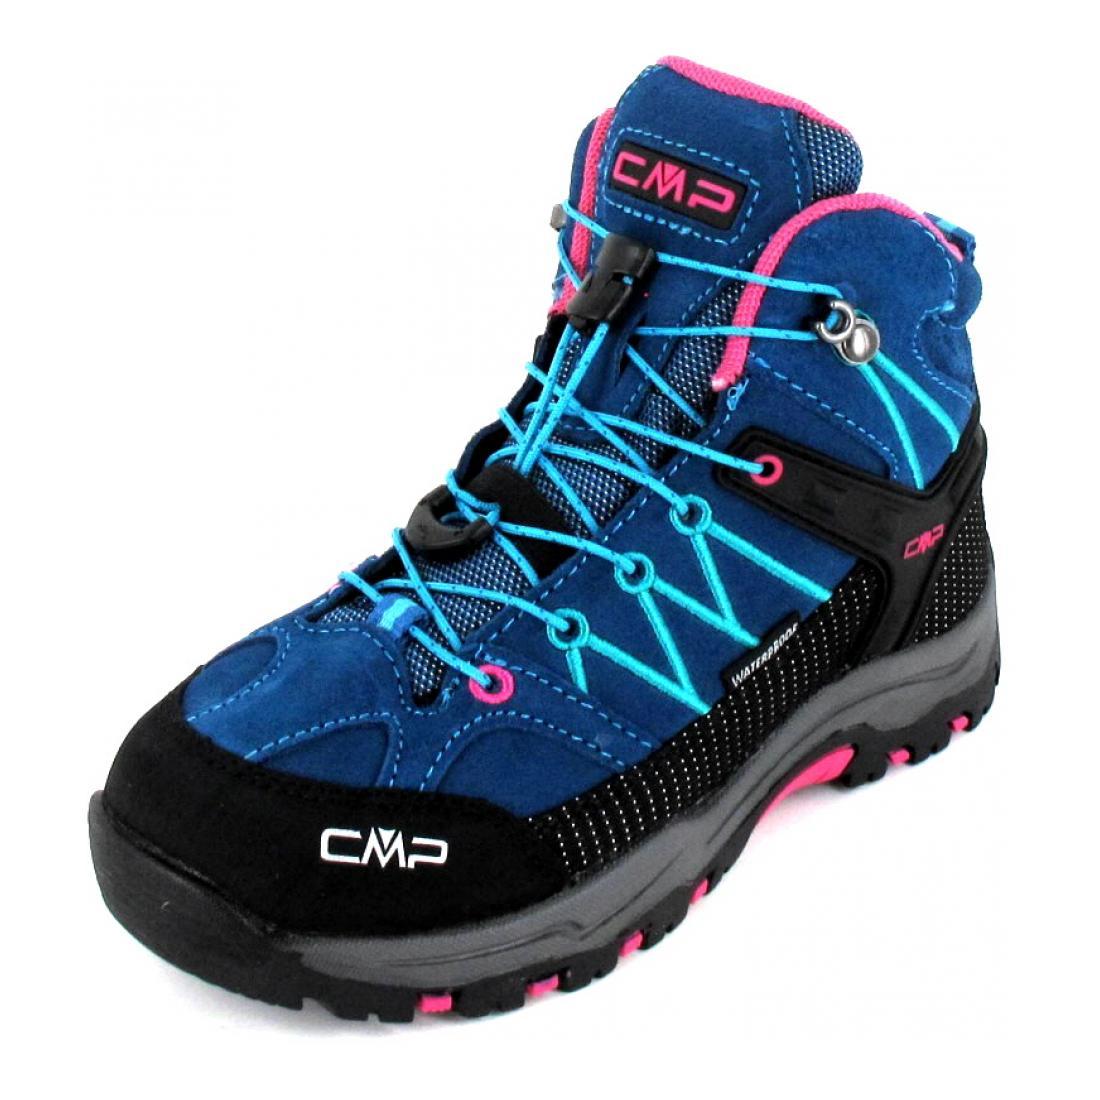 CMP Outdoor Stiefel Kids Rigel Mid Trekking